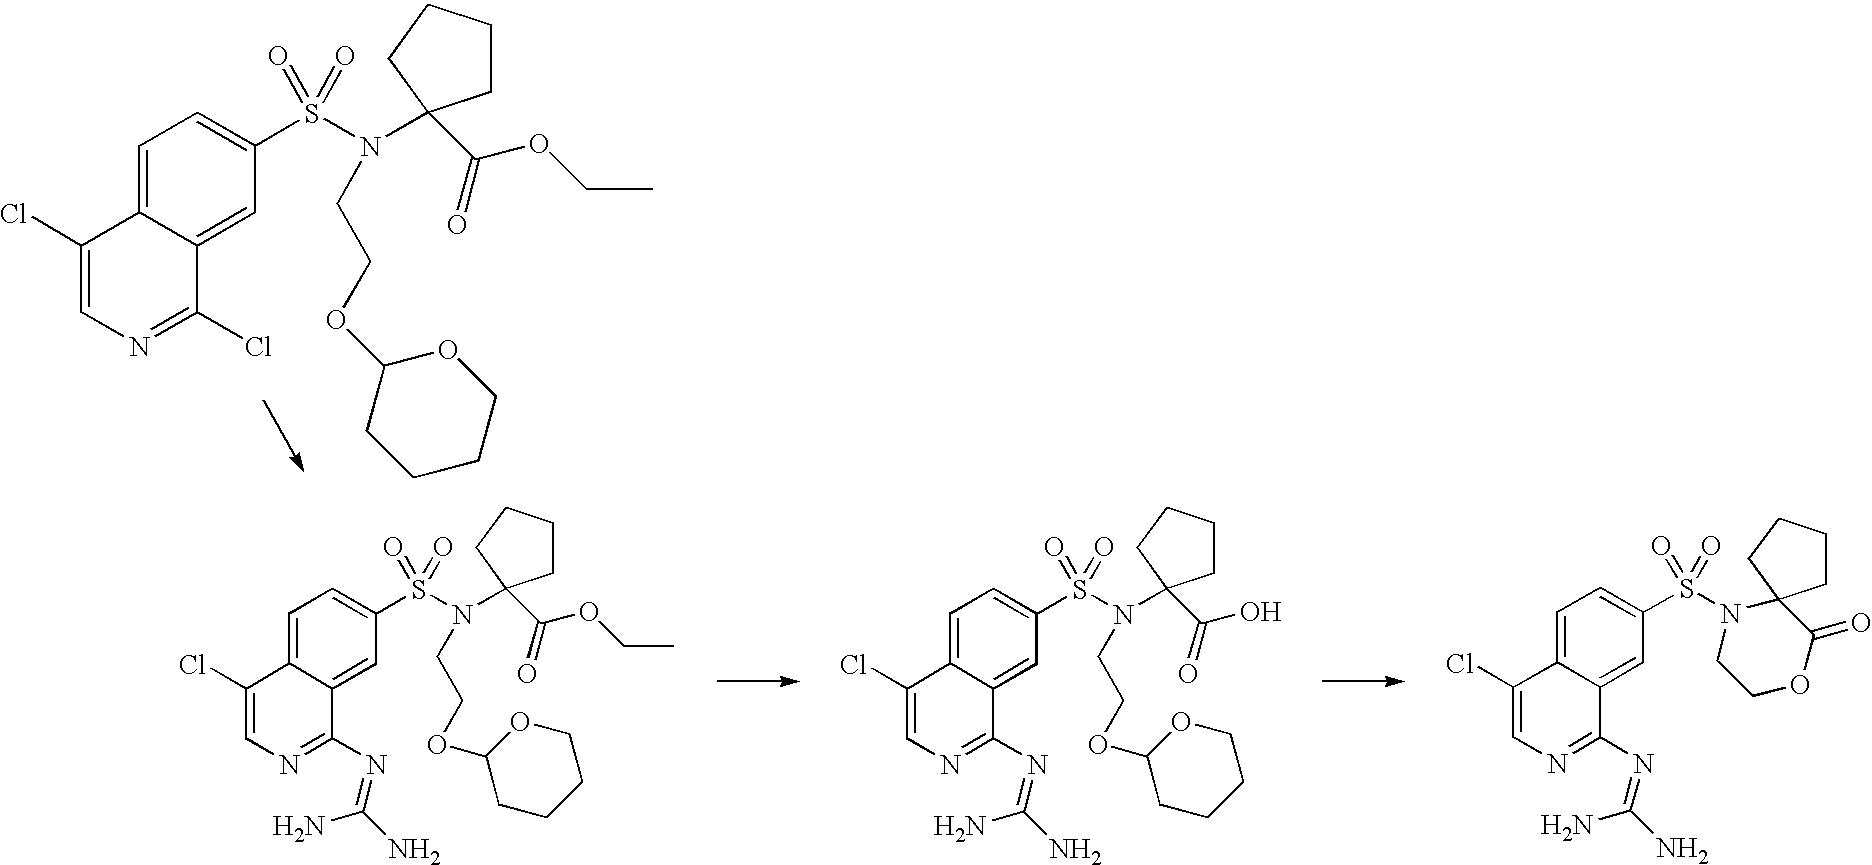 Figure US20030199440A1-20031023-C00123